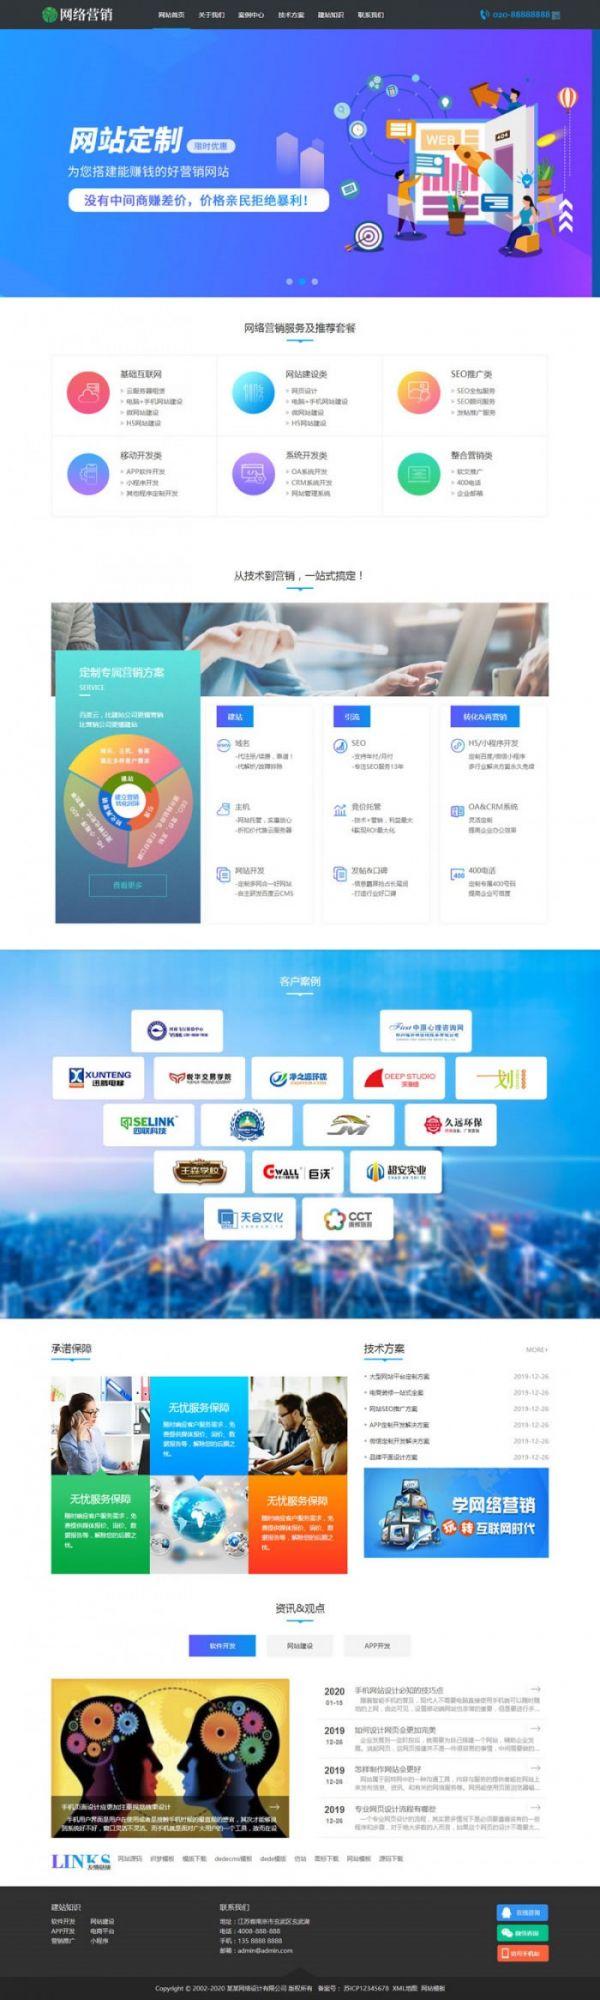 织梦响应式网站建设网络营销推广公司模板(自适应手机移动端)